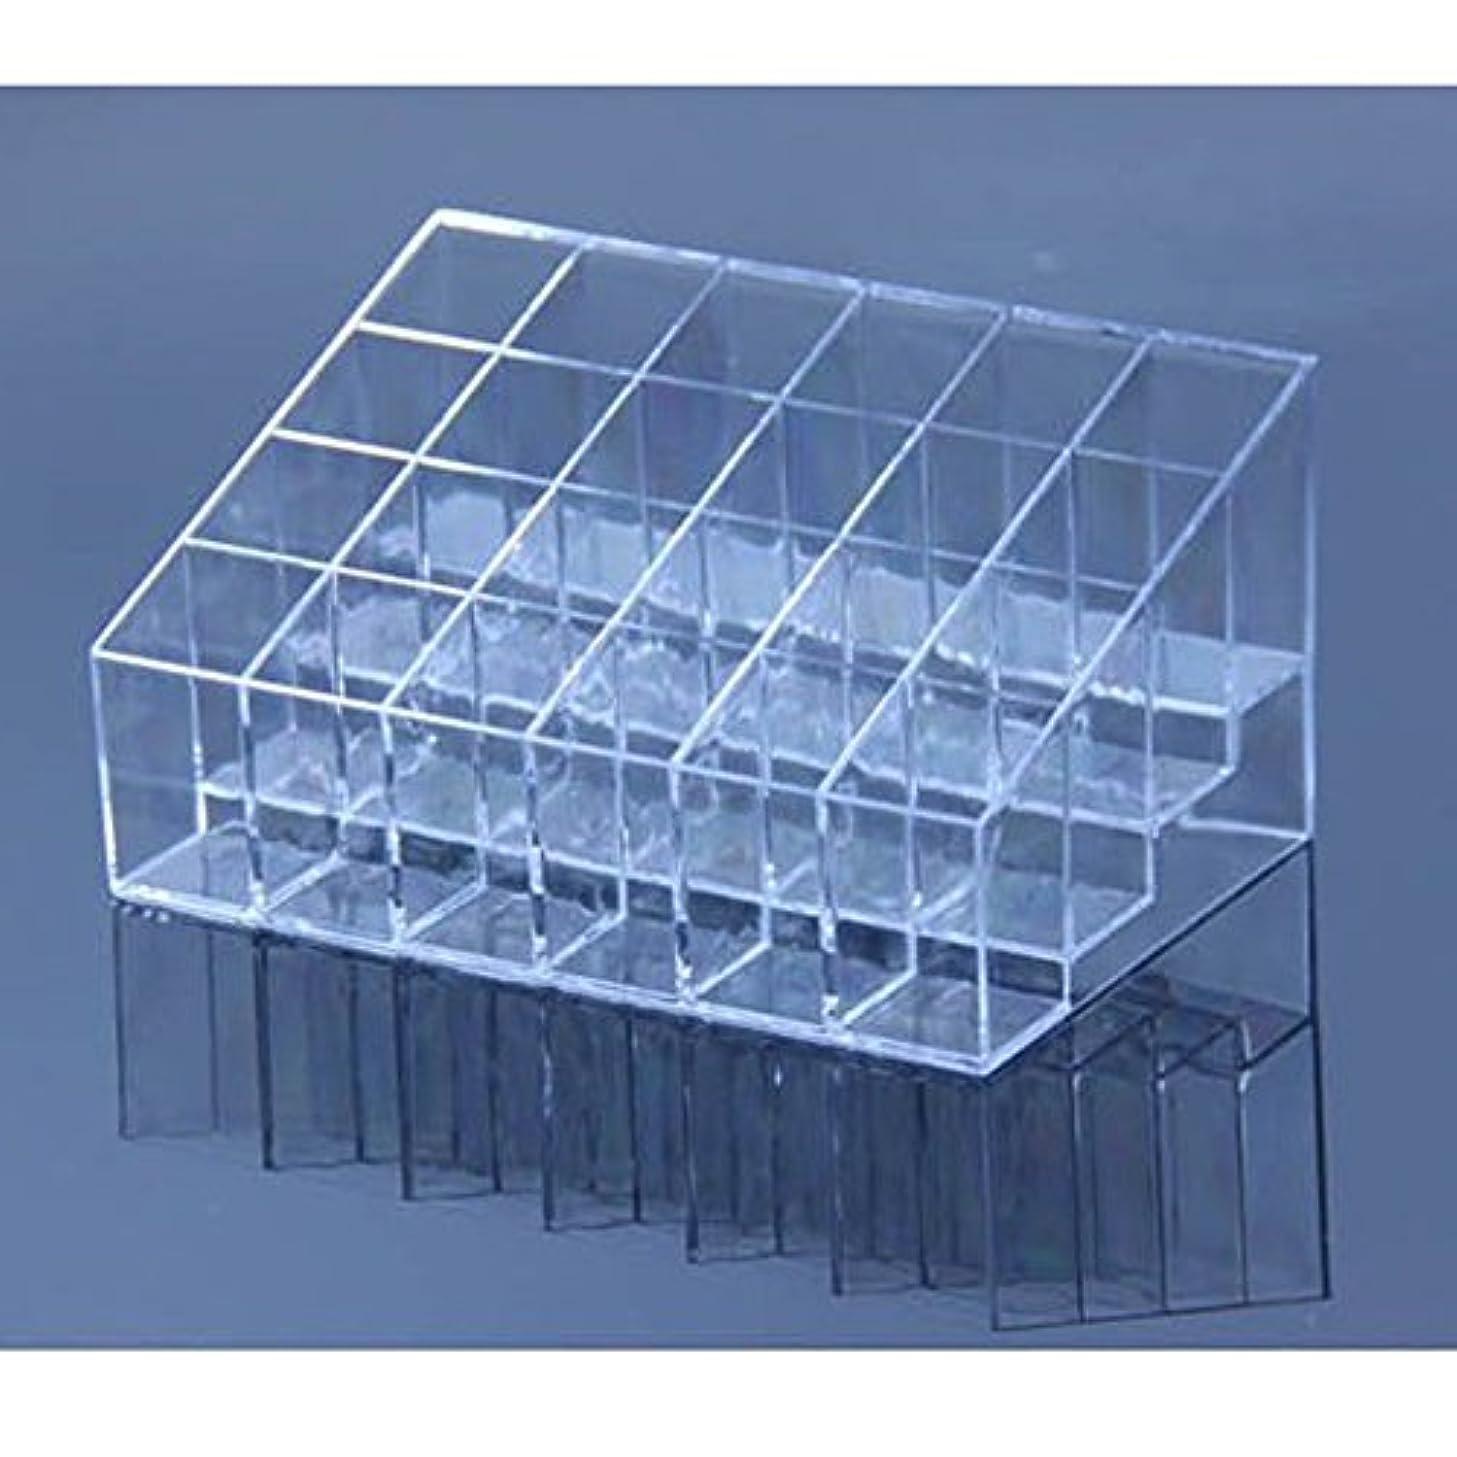 するエッセイ柱AYWS 口紅ホルダー 24区透明プラスチック製 台形メイクアップ 化粧品ディスプレイスタンド リップスティック ホルダー